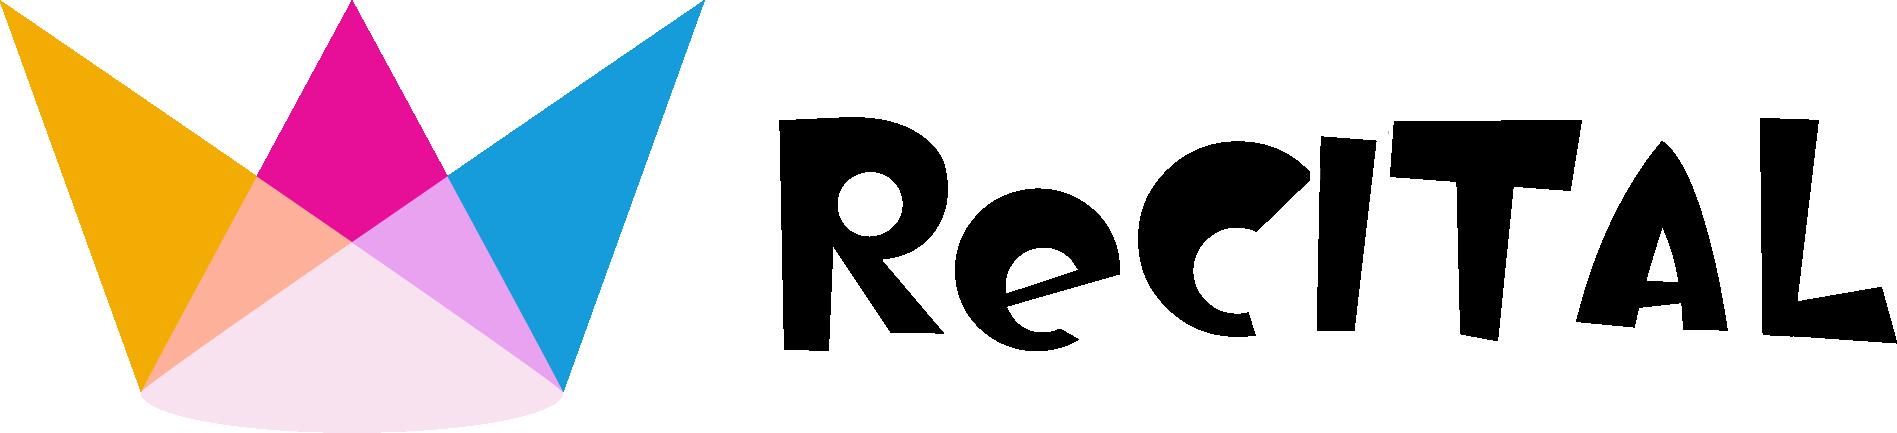 ReCITAL株式会社